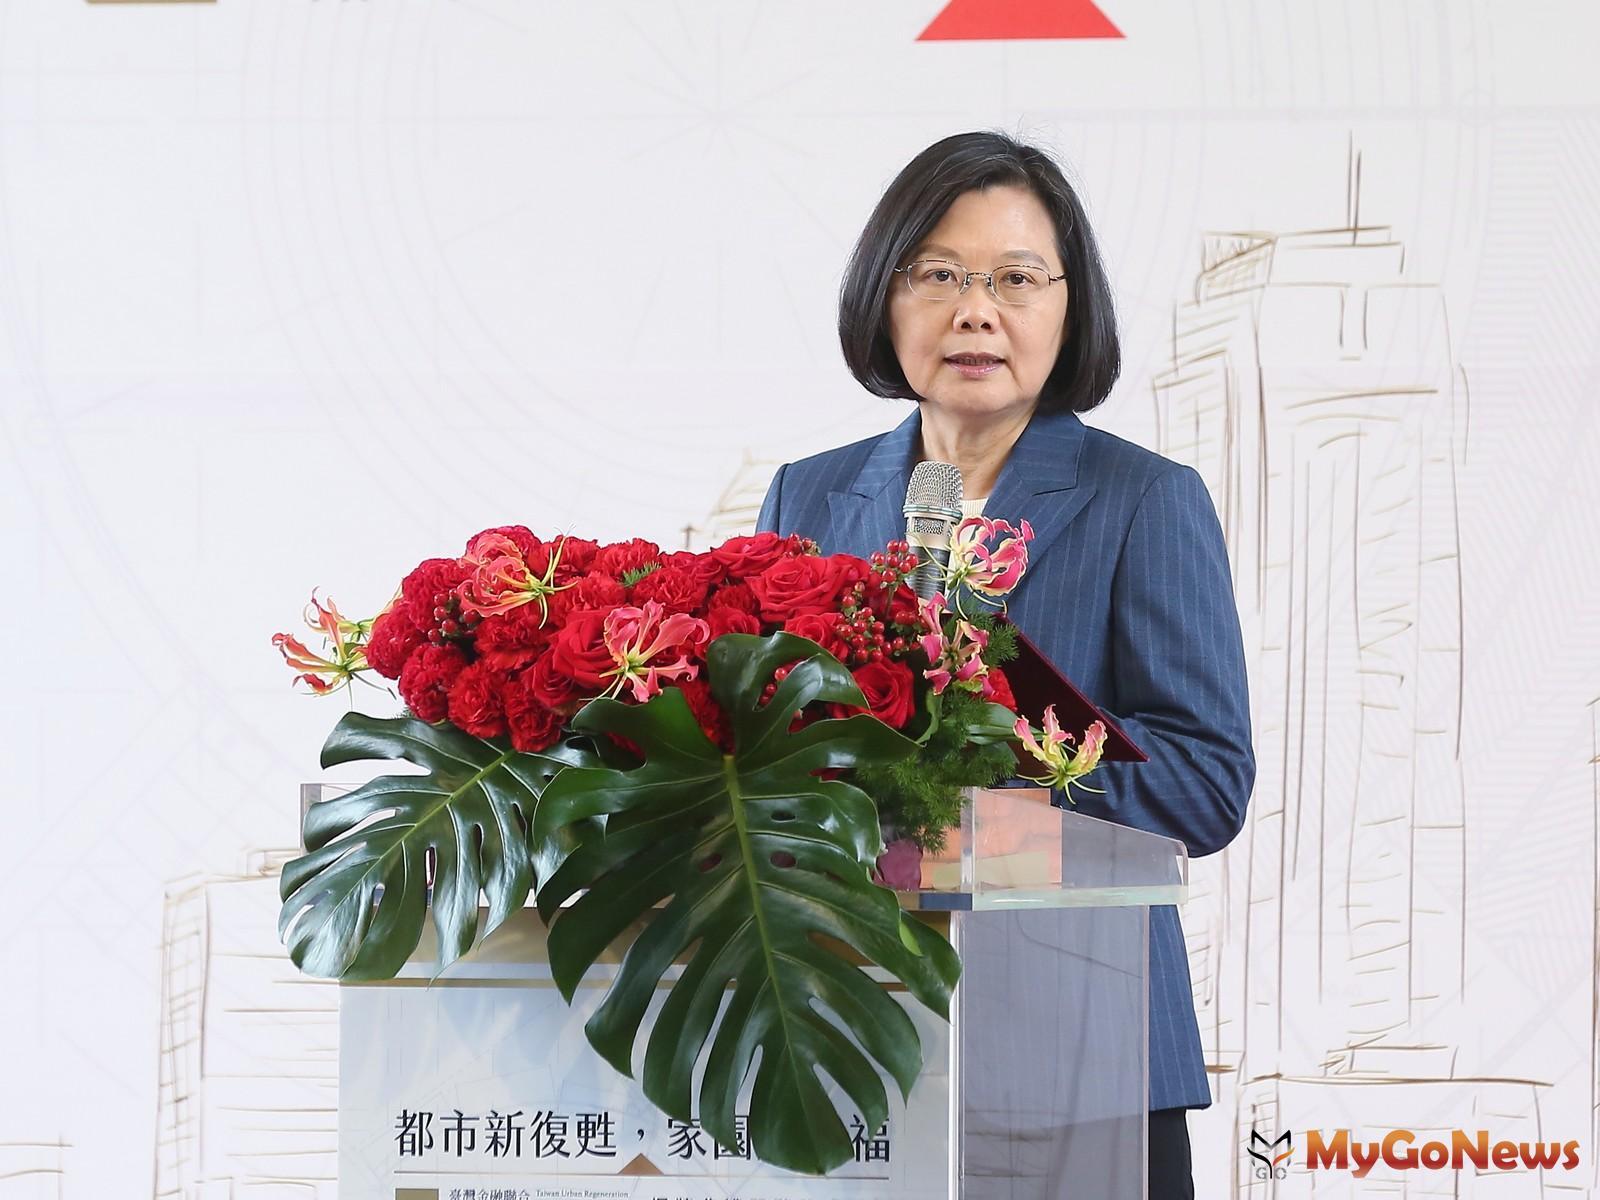 總統蔡英文表示,讓台南沙崙智慧綠能科學城成為南部產業的研發重鎮,並且成為新世代台灣走向未來世代產業的重要起點。 MyGoNews房地產新聞 專題報導